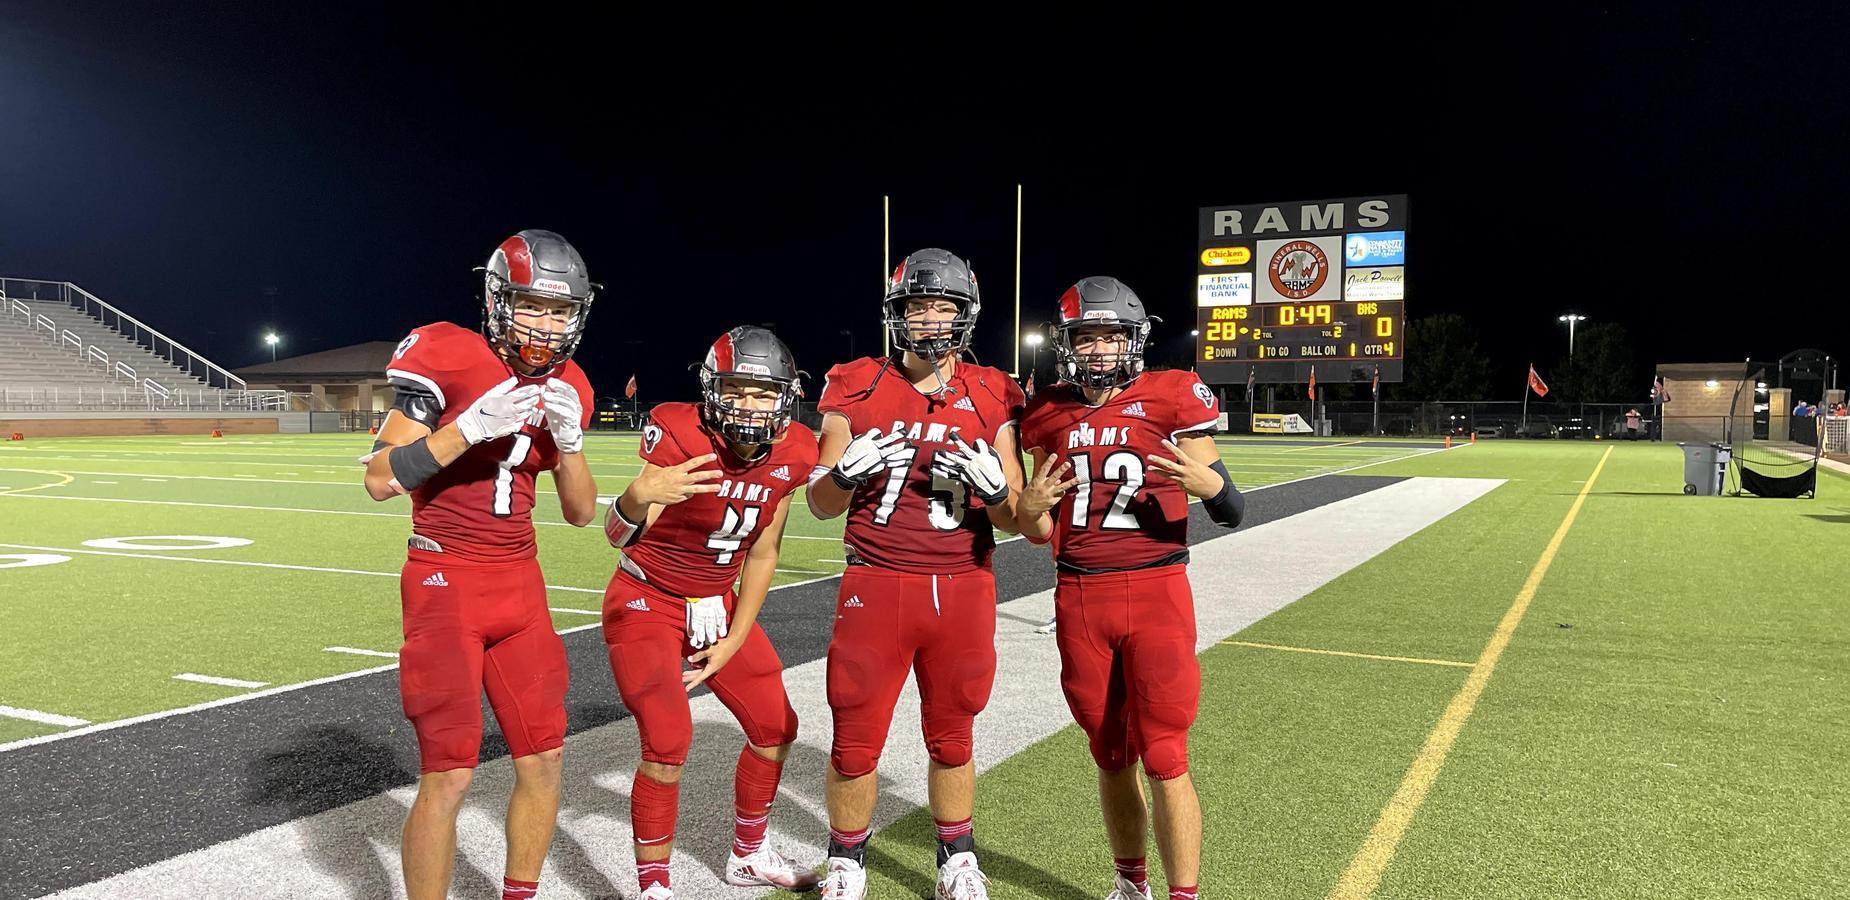 Rams win football game